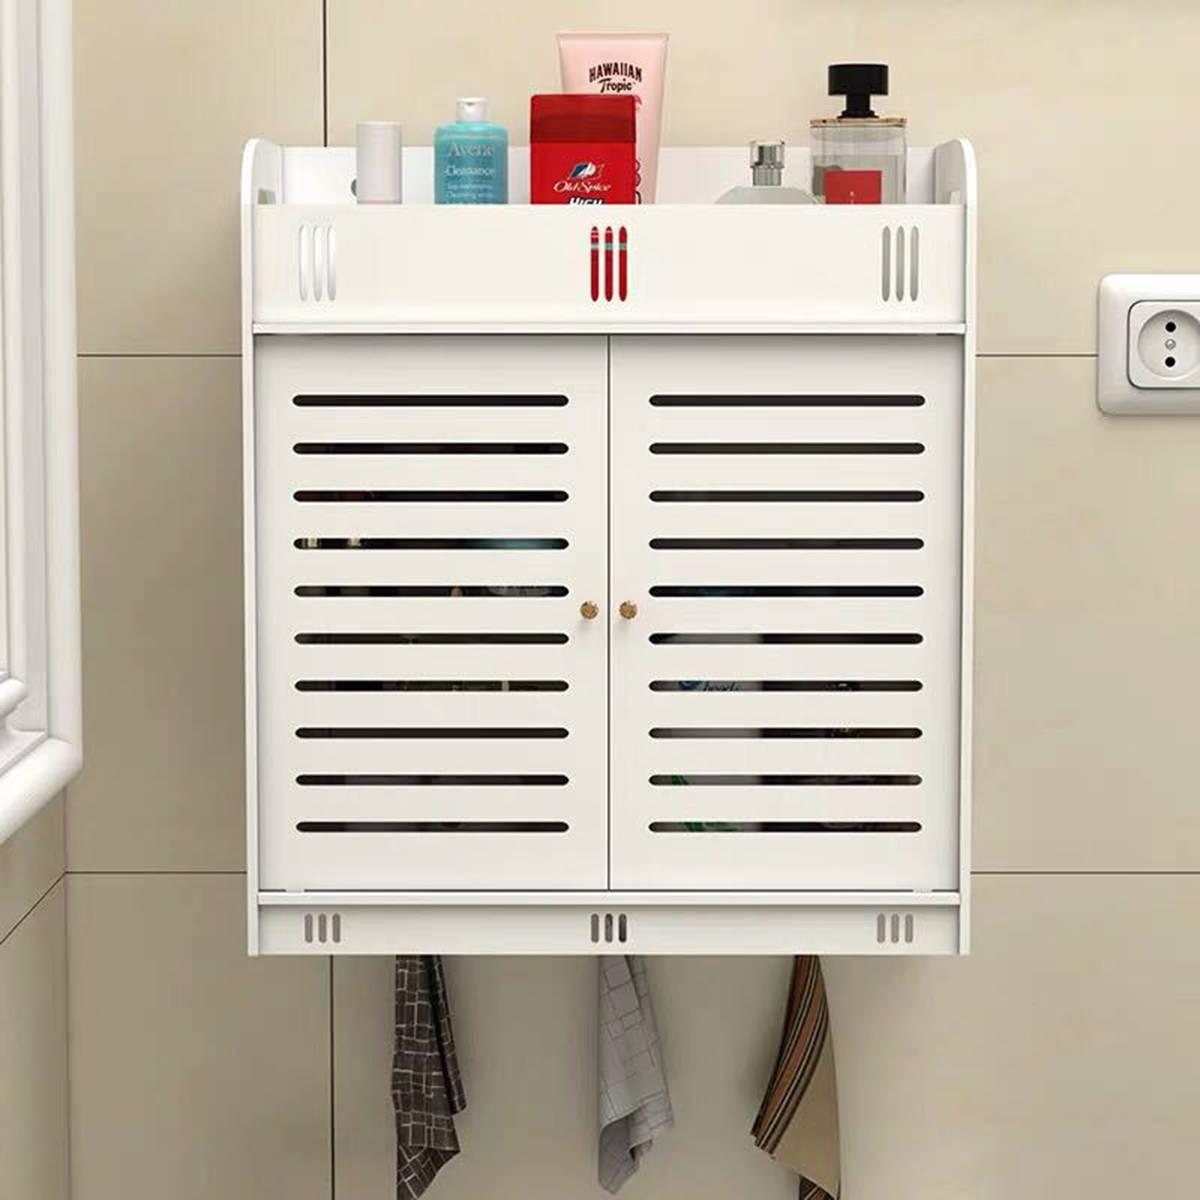 Шкаф для ванной 38x18x43 см, настенный шкаф для ванной и туалета, деревянный пластиковый шкаф, полка